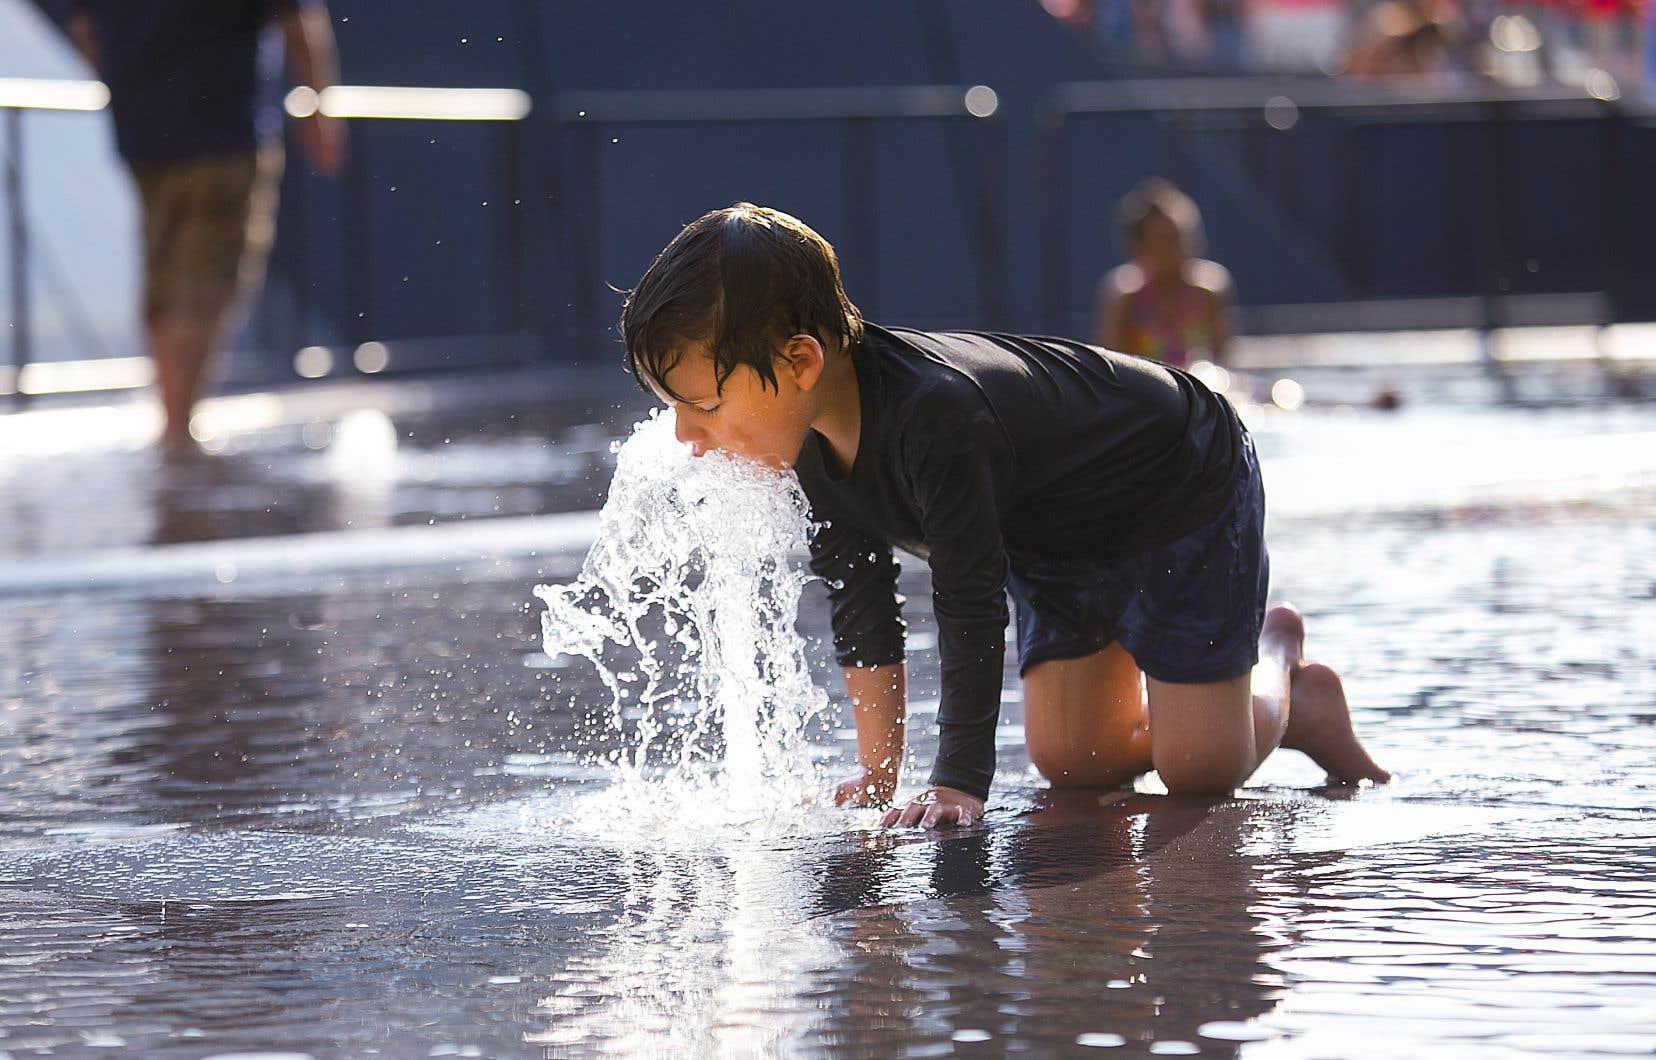 Dans la région de Montréal, des températures de 30 et 32 degrés sont attendues respectivement vendredi et samedi.